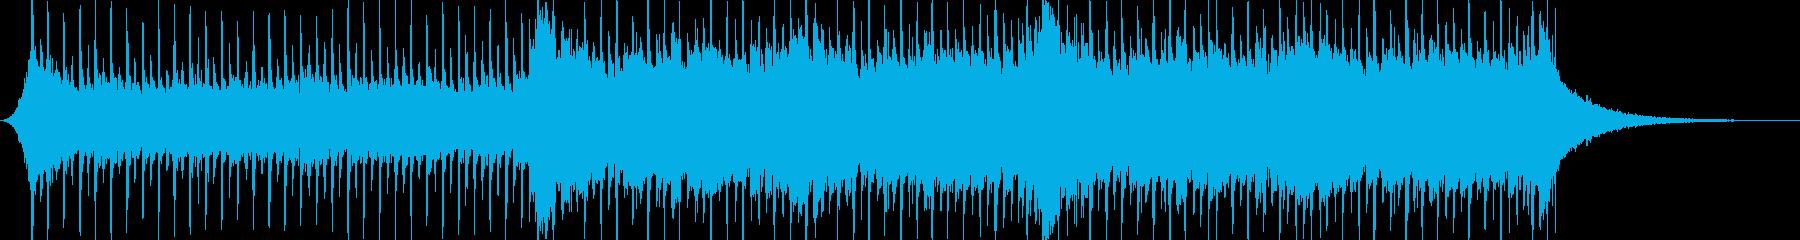 企業VP系35、爽やかギター4つ打ちbの再生済みの波形